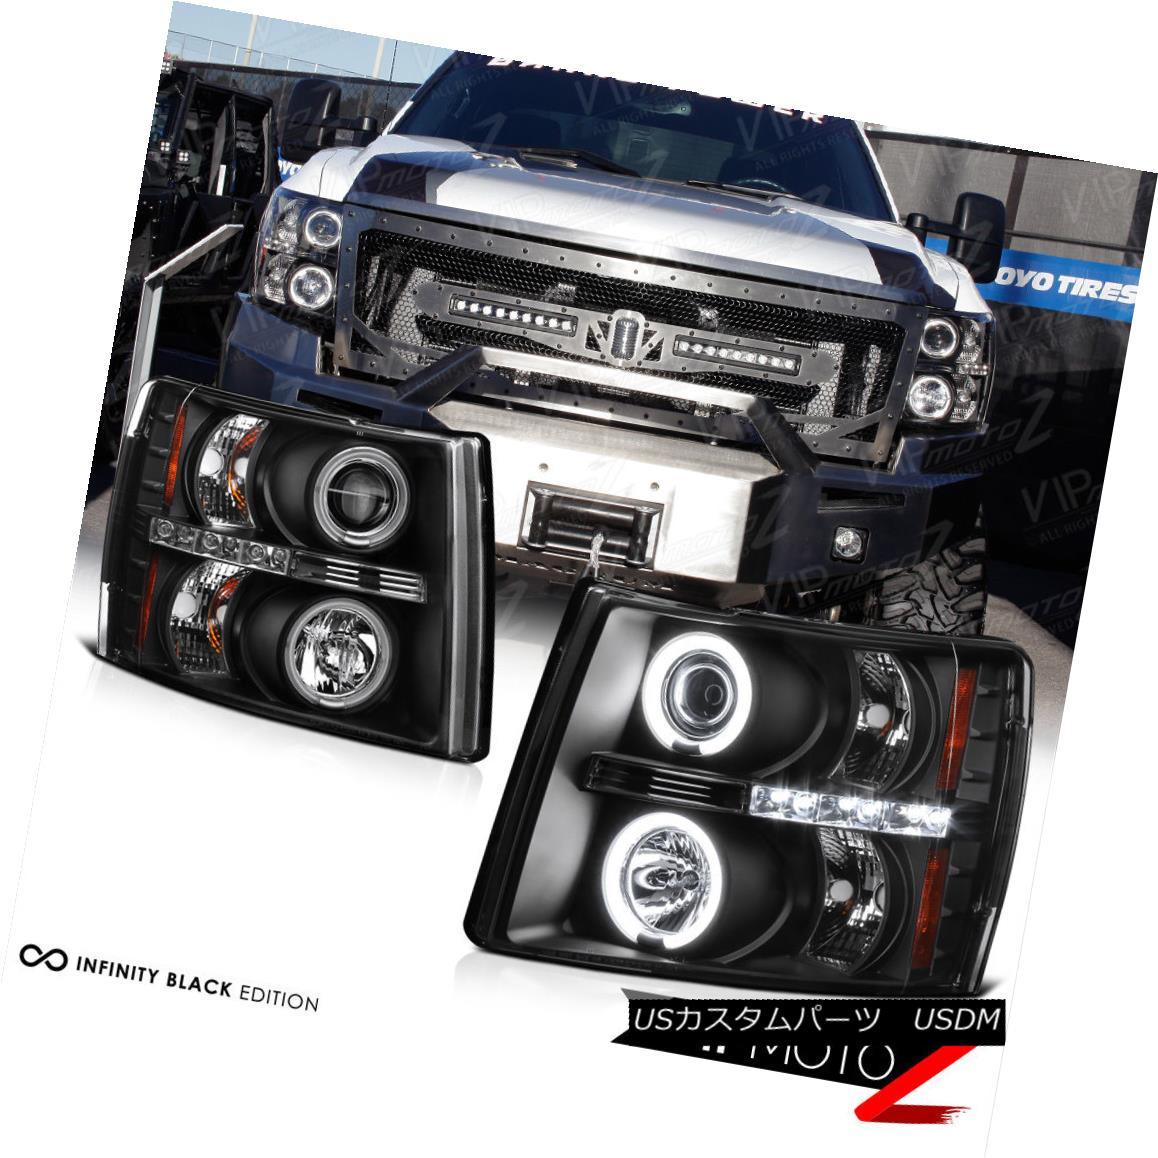 ヘッドライト 07-14 V8 Silverado 1500/2500/3500 HD CCFL Halo LED Projector Black Headlight L+R 07-14 V8 Silverado 1500/2500/3500 HD CCFL Halo LEDプロジェクターブラックヘッドライトL + R